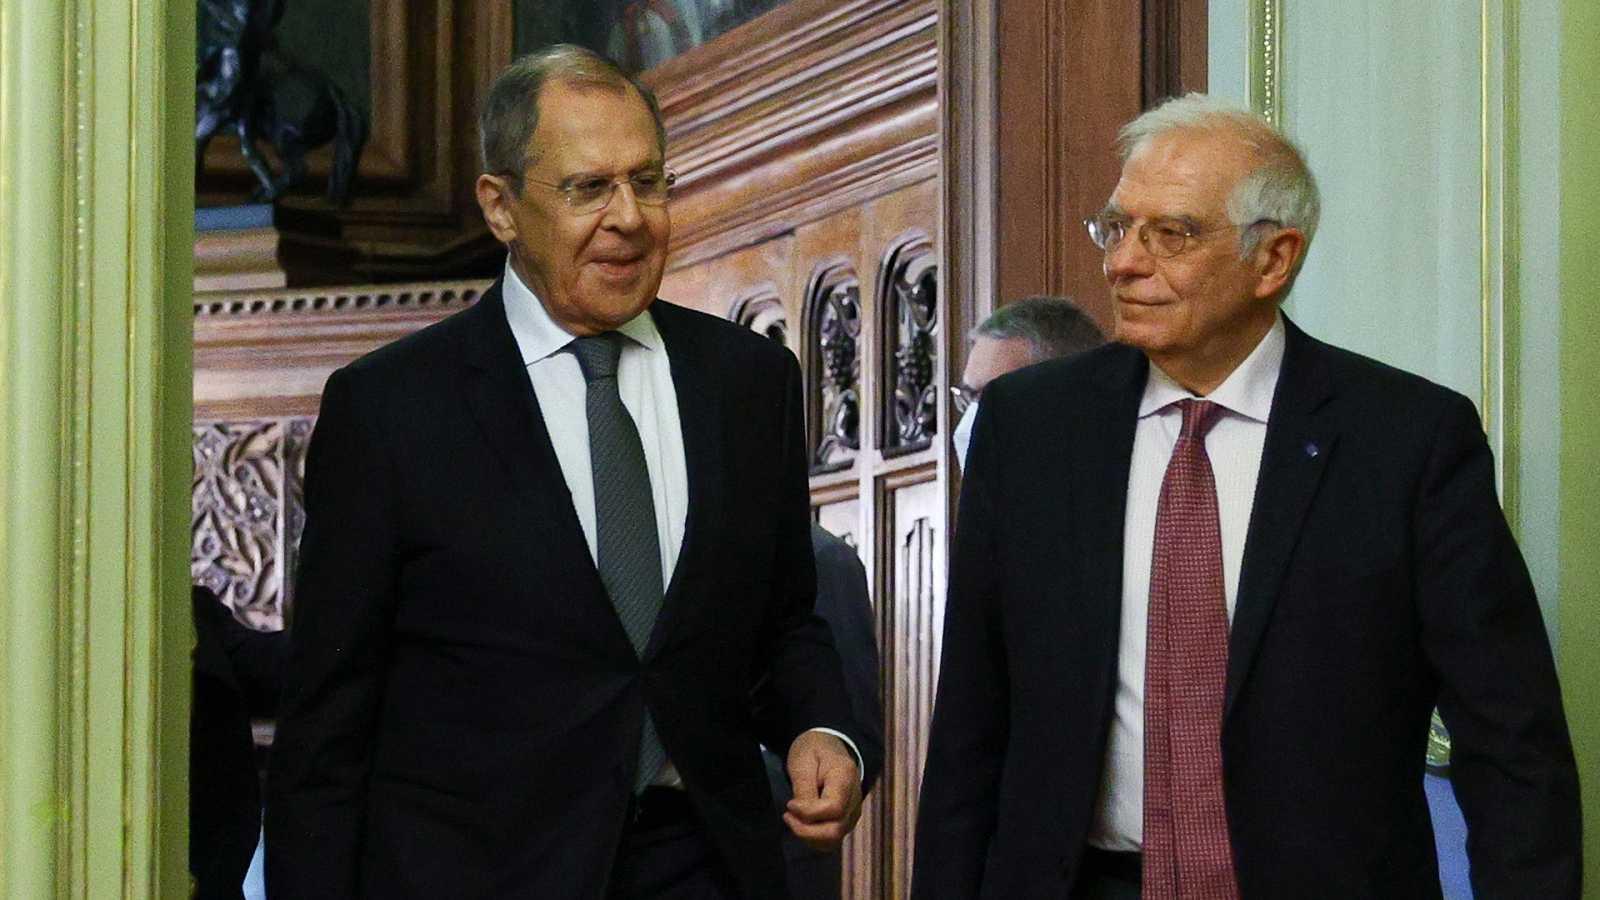 Europa abierta - Rusia-UE: relaciones bajo cero por el caso Navalni - escuchar ahora